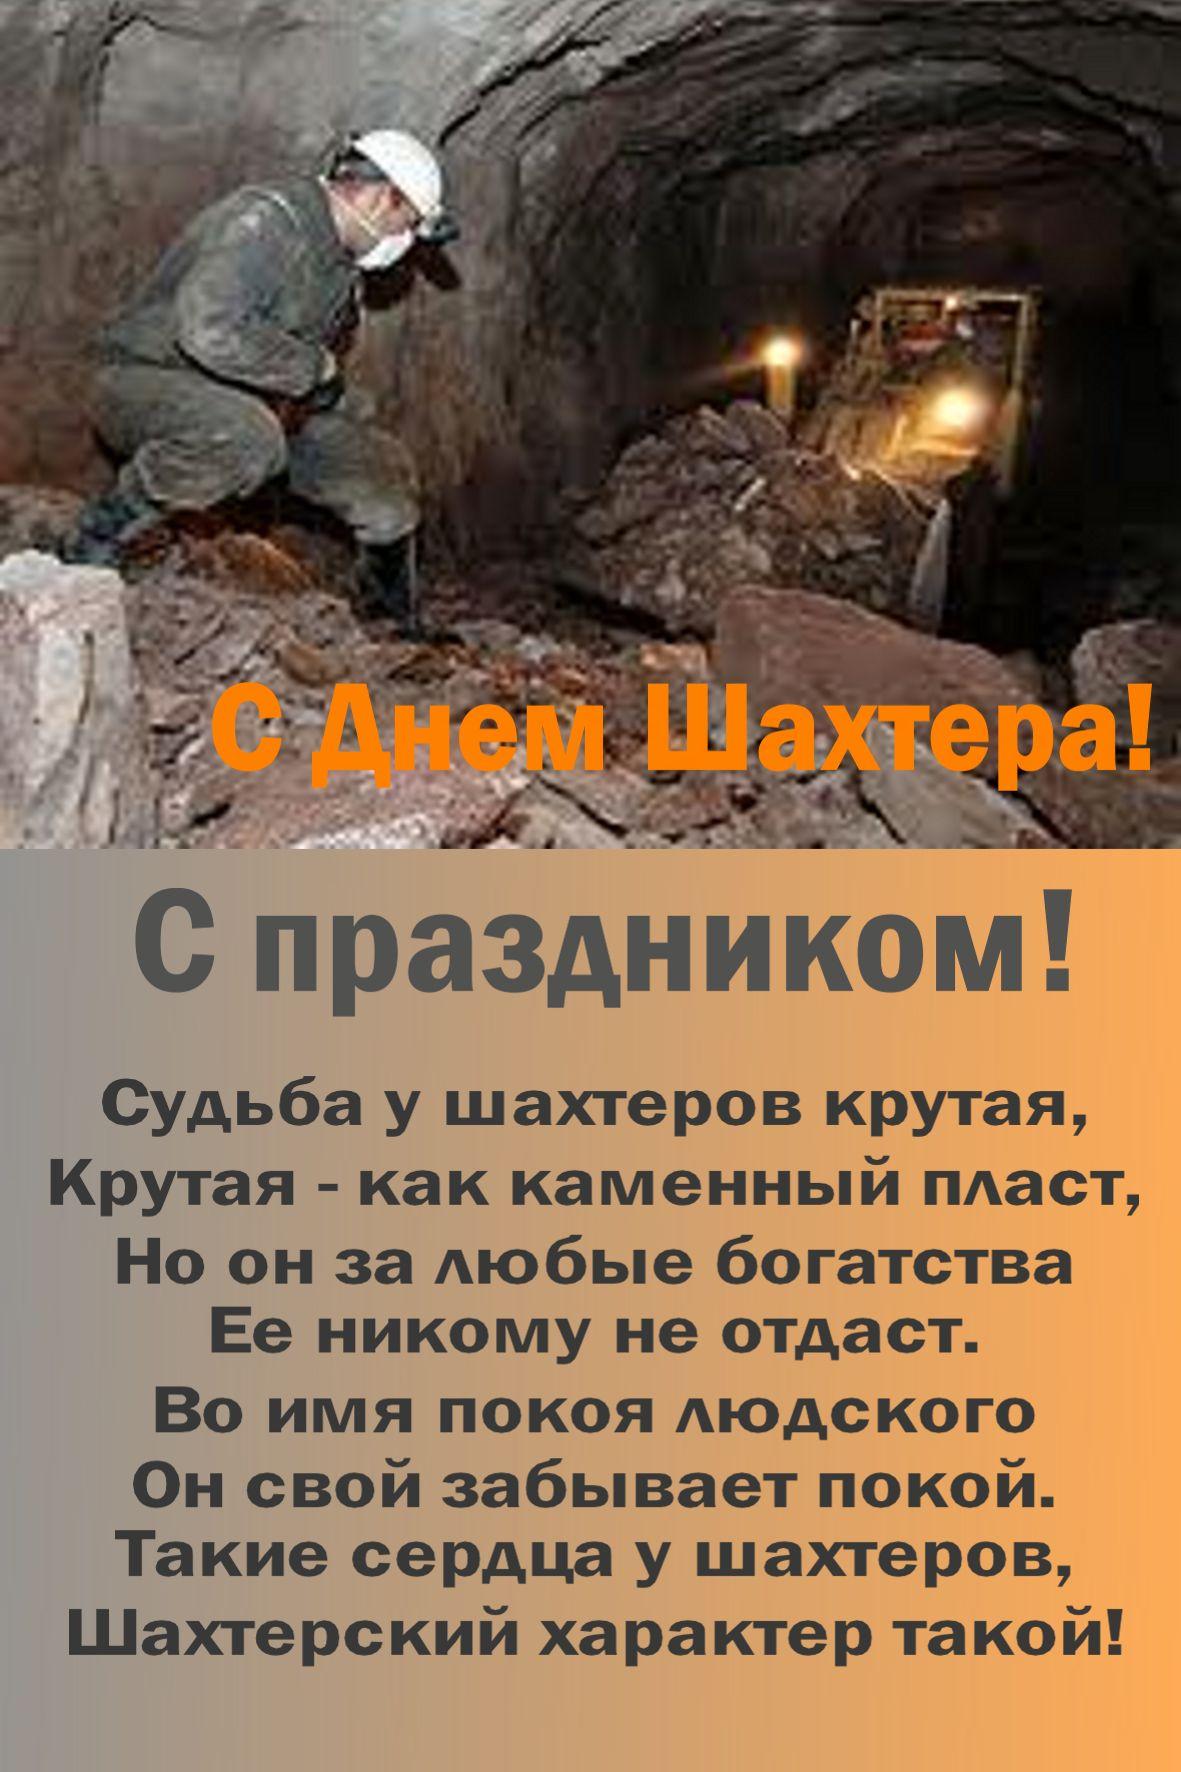 Поздравления днём шахтёра